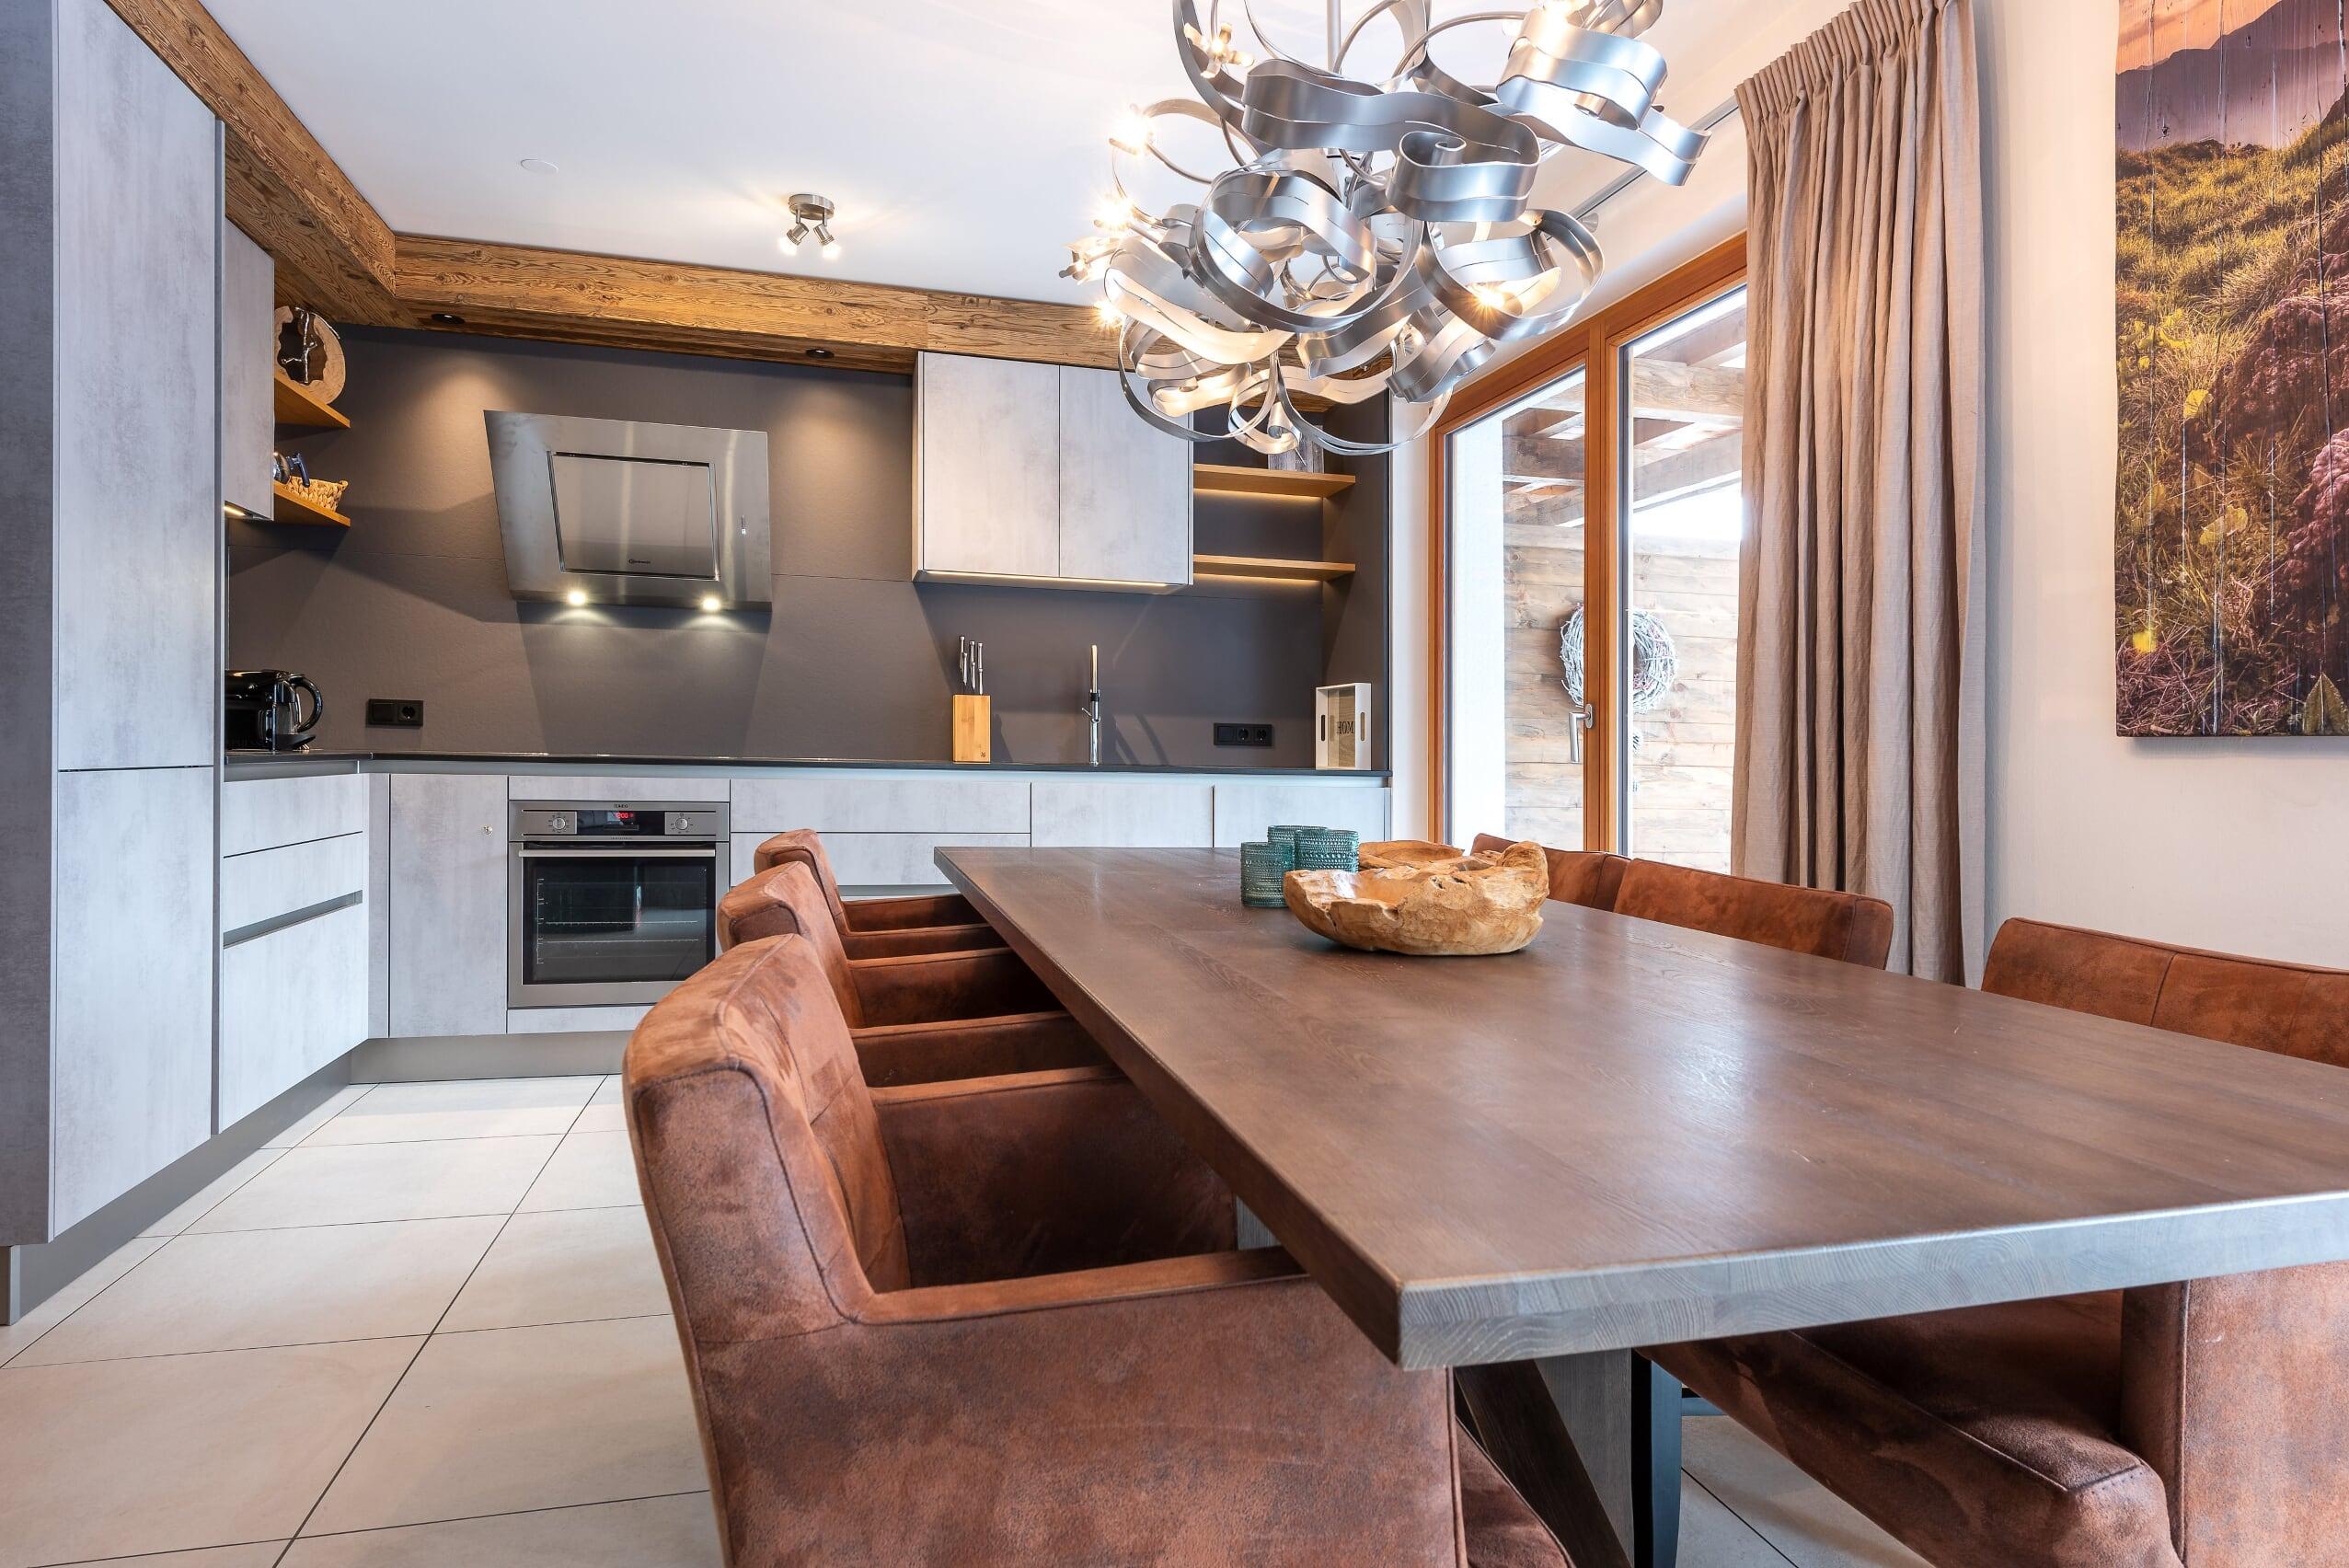 Esstisch mit Küche im Hintergrund - Apartment 3 der Mountain Lodge Leogang